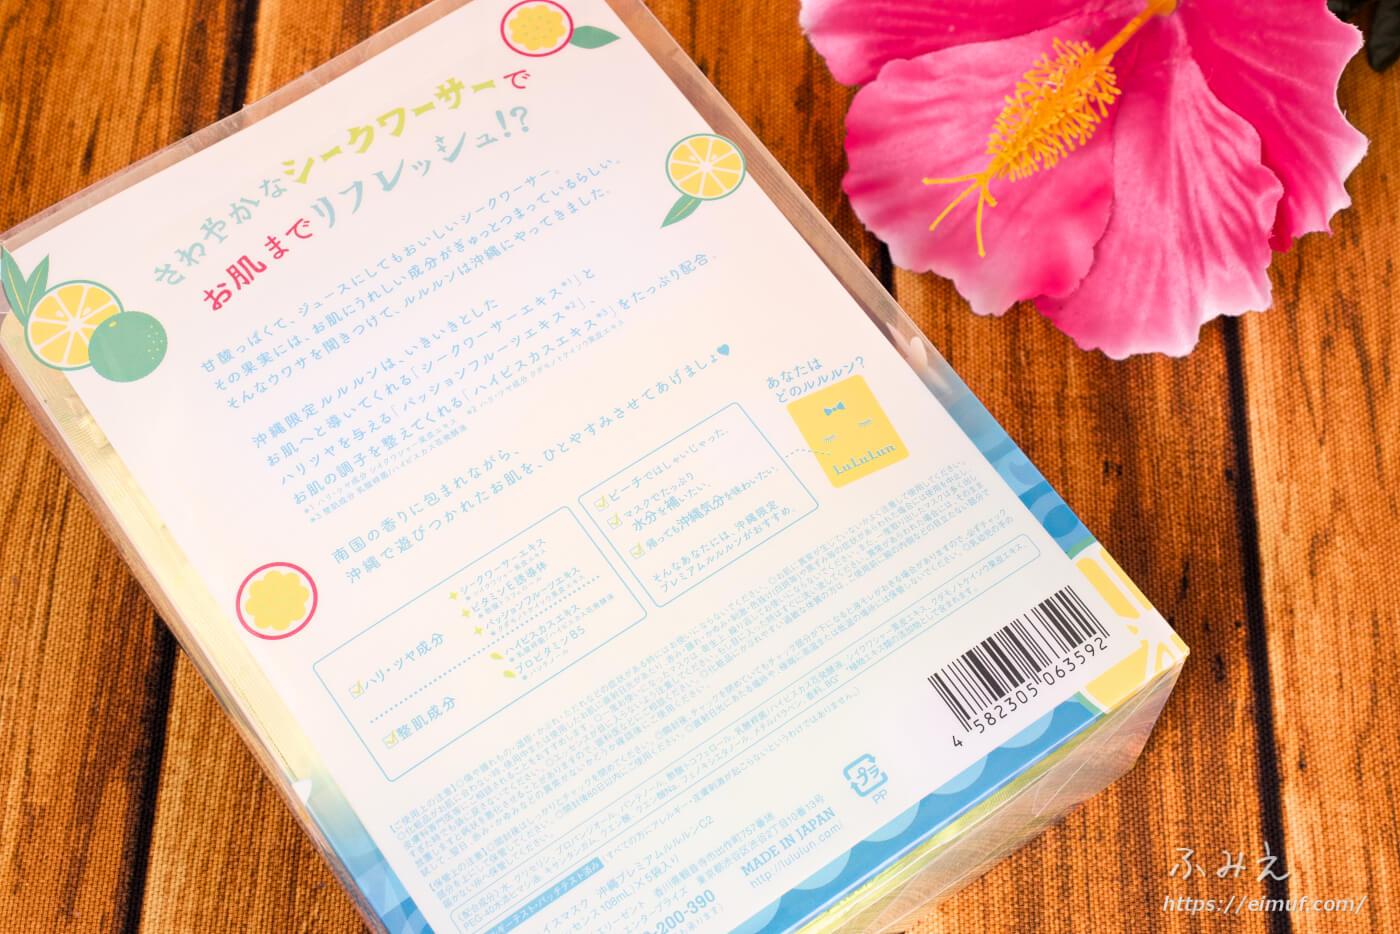 沖縄のプレミアムルルルン(シークワーサーの香り)7枚入り×5袋入りのパッケージ裏面